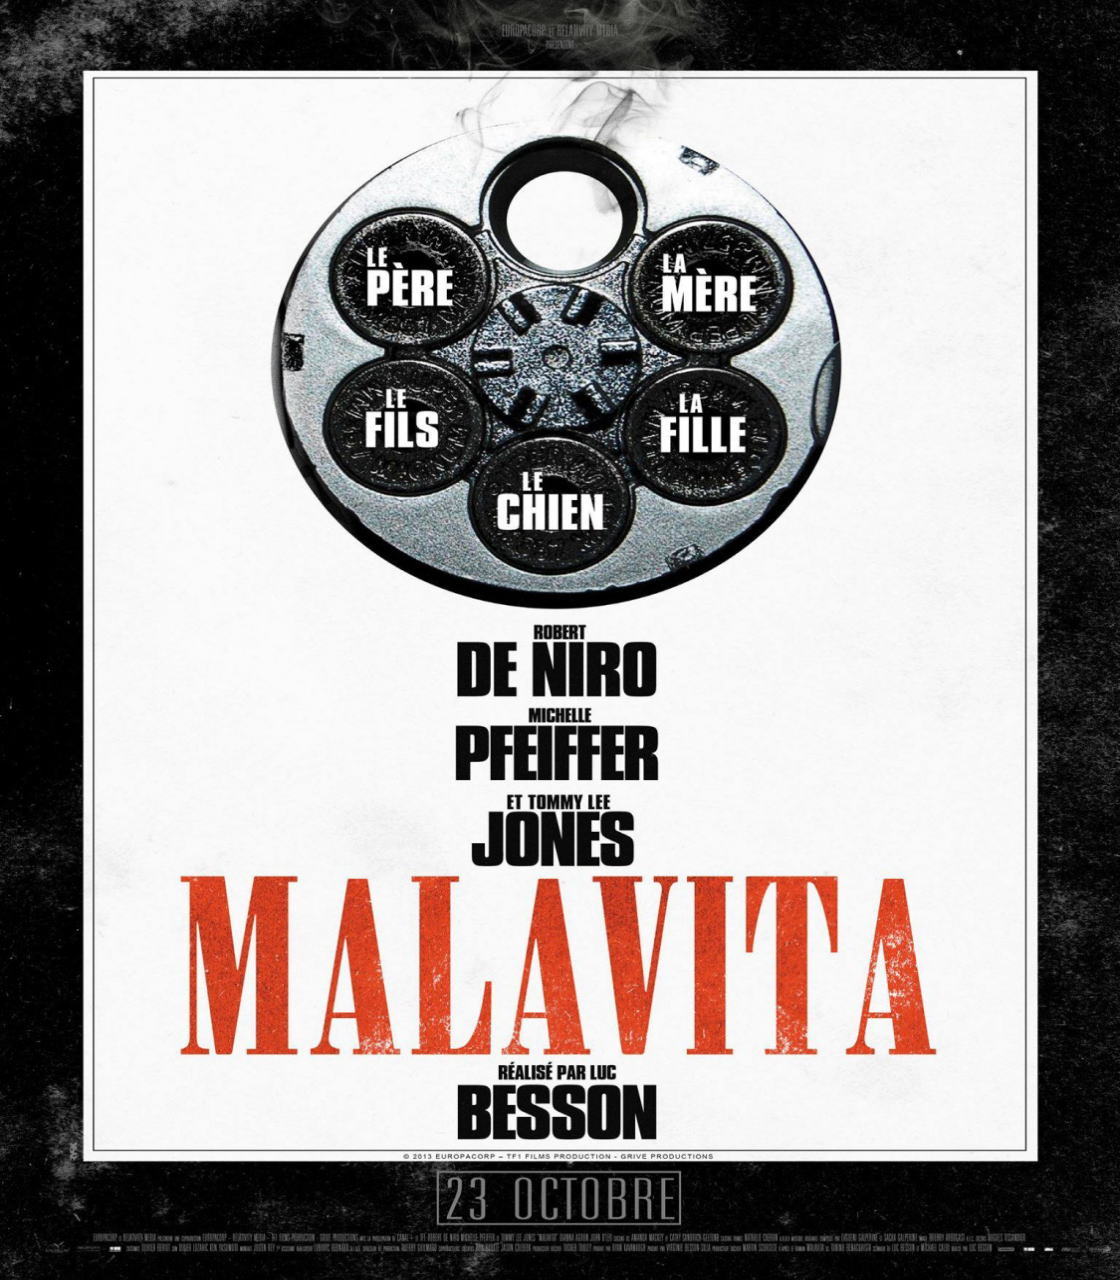 映画『マラヴィータ (2013) THE FAMILY (英題) / MALAVITA (仏題)』ポスター(4) ▼ポスター画像クリックで拡大します。